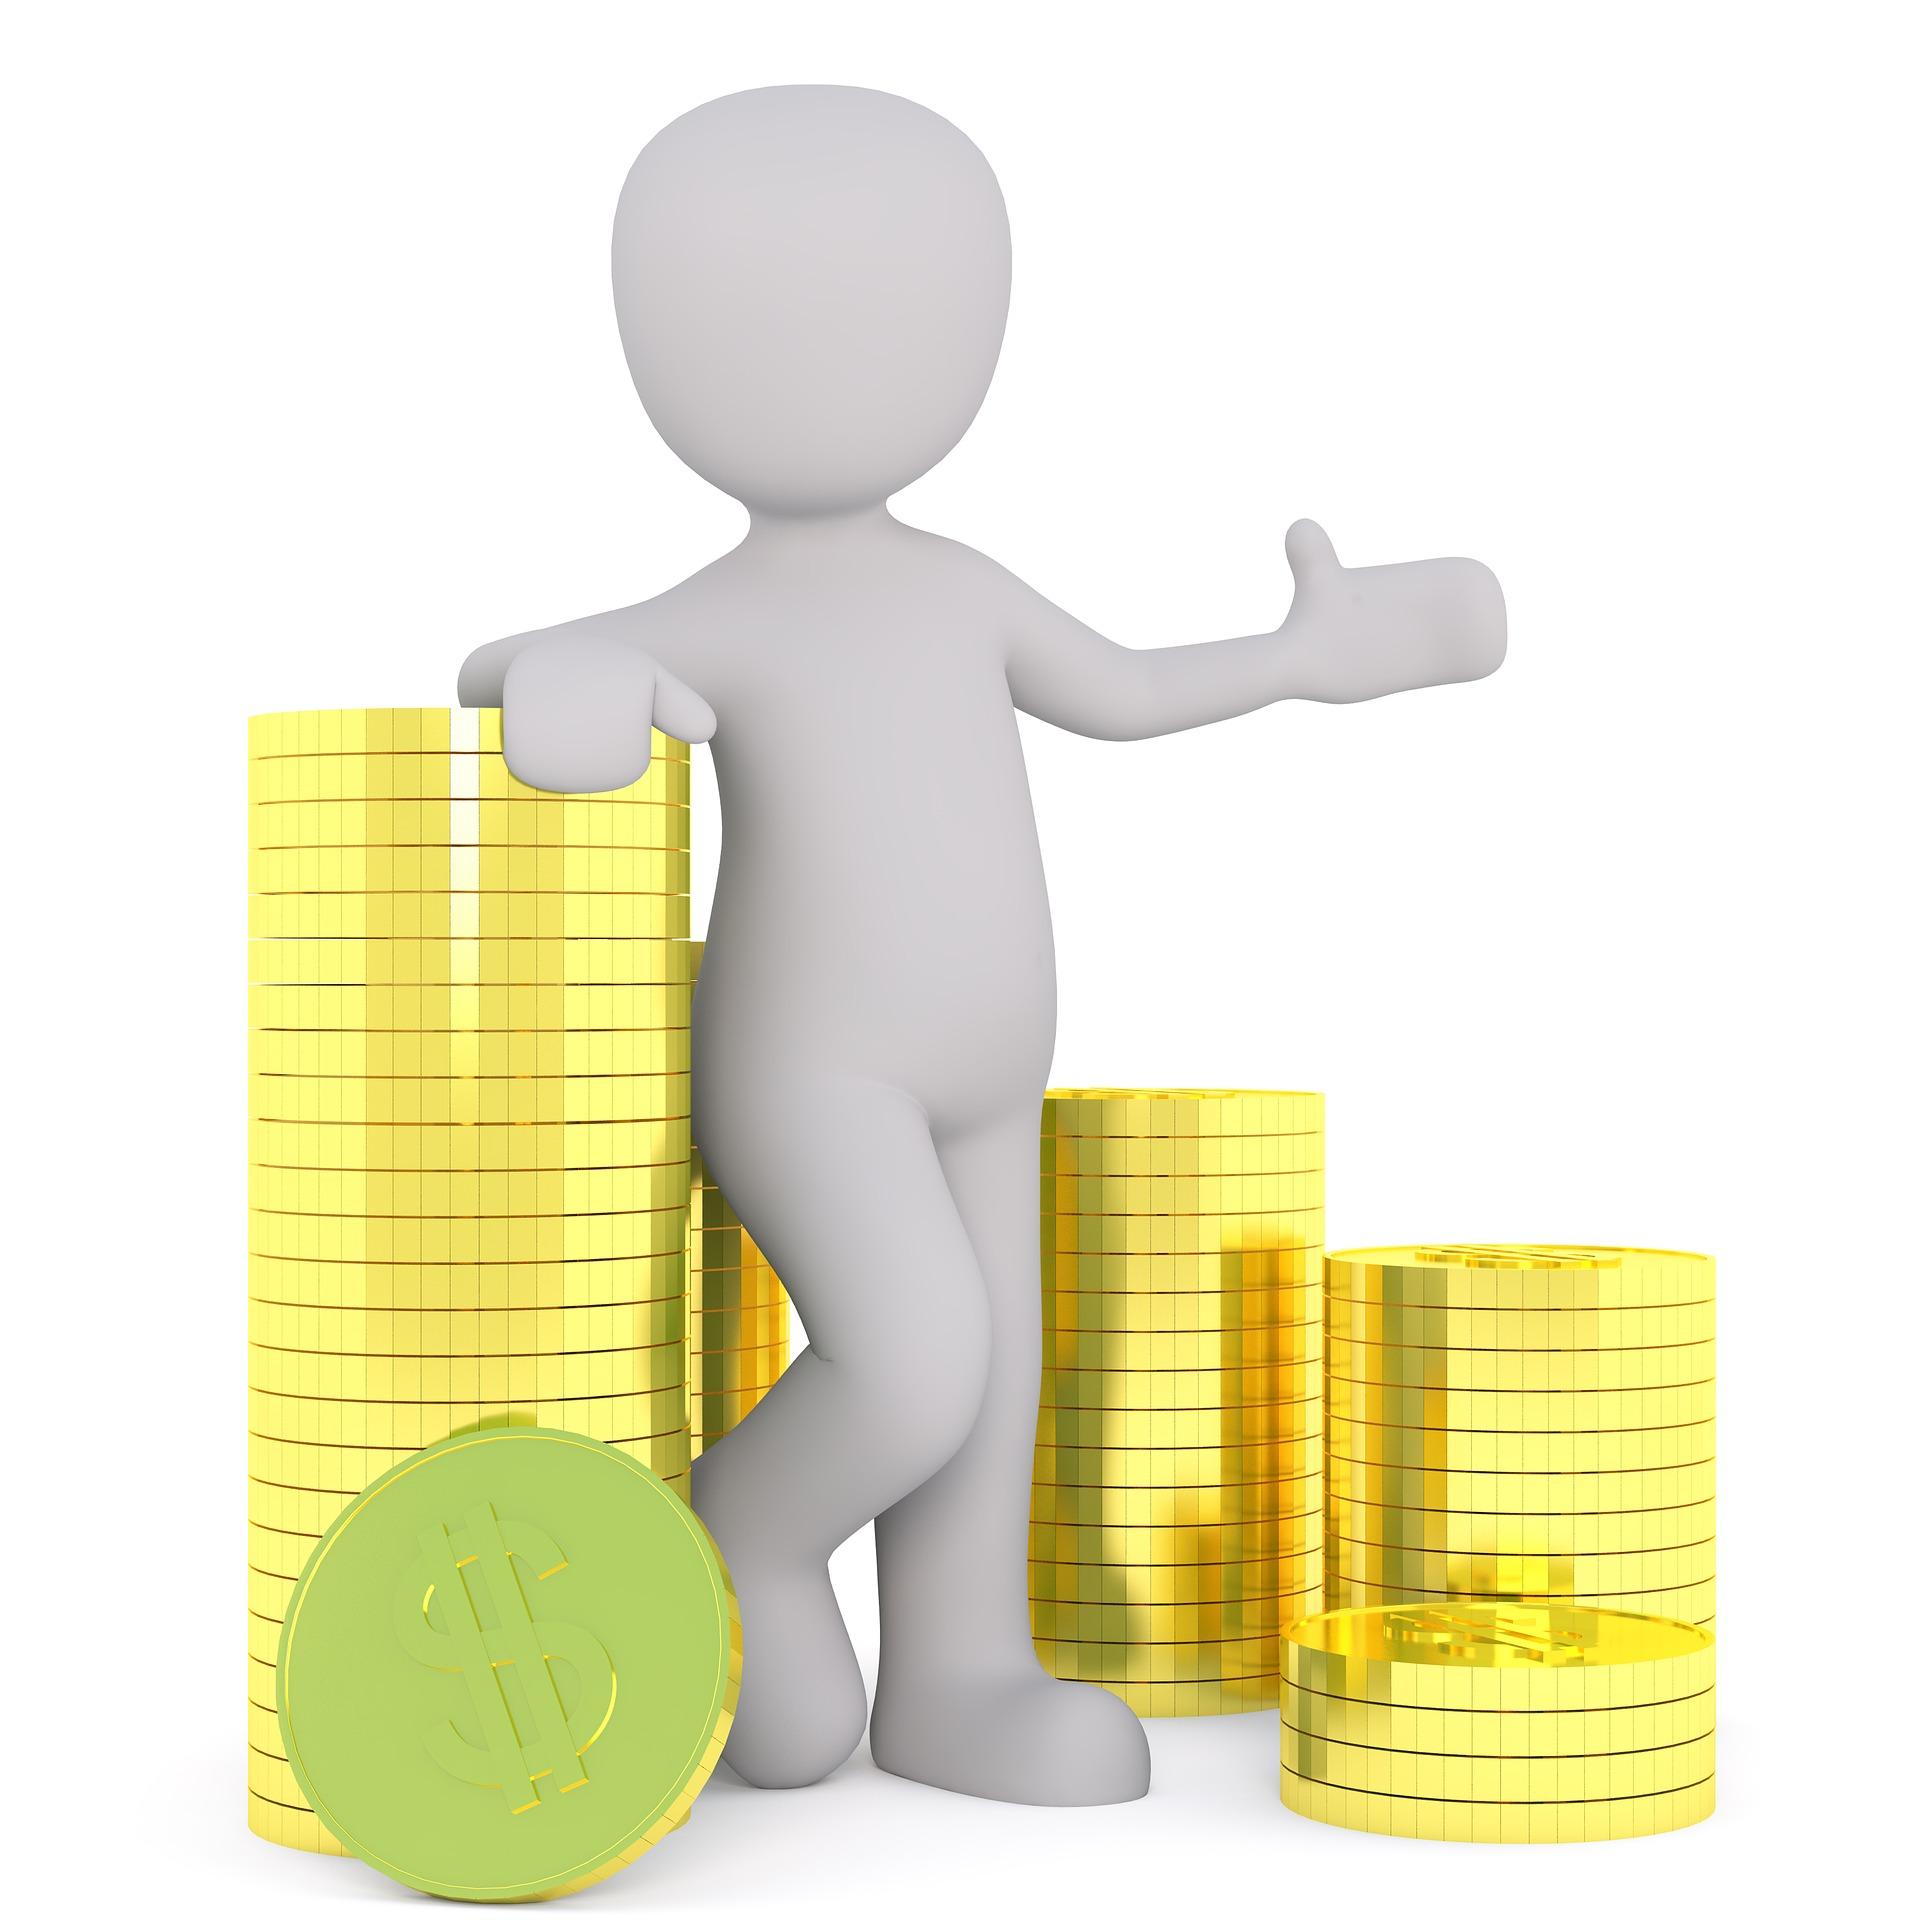 fr-meilleurxtauxcom-simulation-rachat-credit-caracteristiques-souscrire